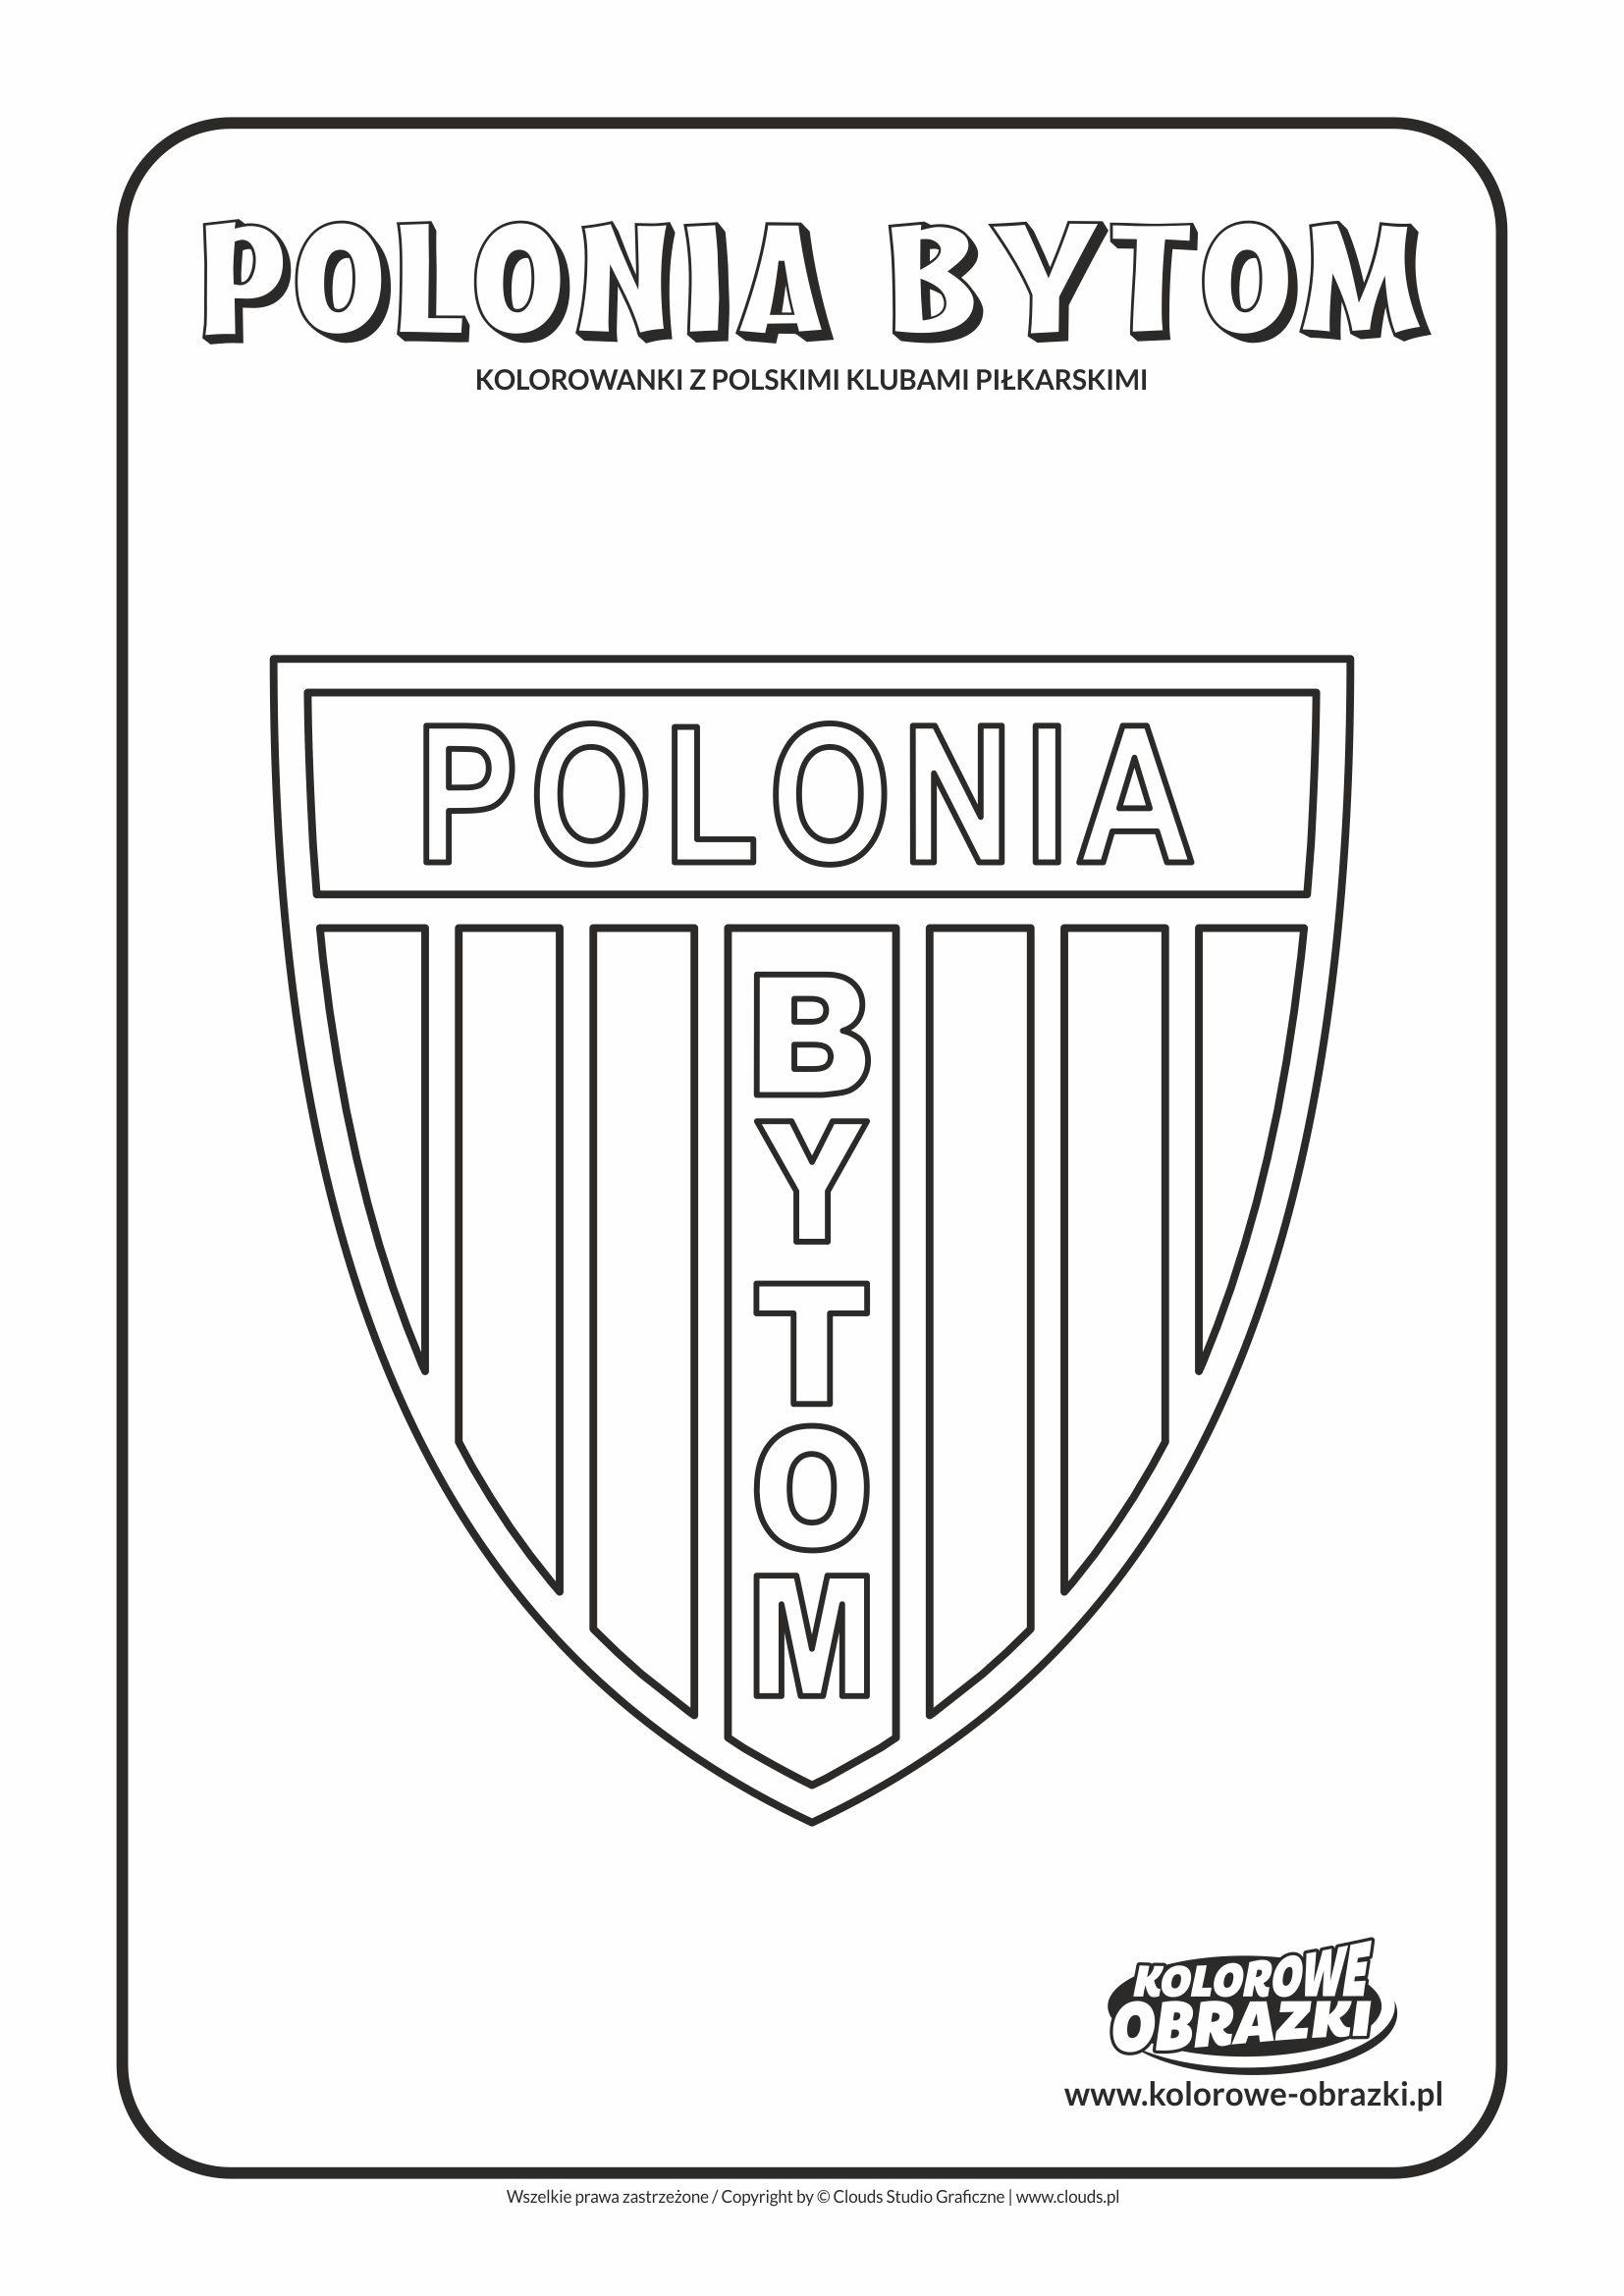 Kolorowanki dla dzieci - Polskie kluby piłkarskie / Polonia Bytom. Kolorowanka z polskimi klubami piłkarskimi